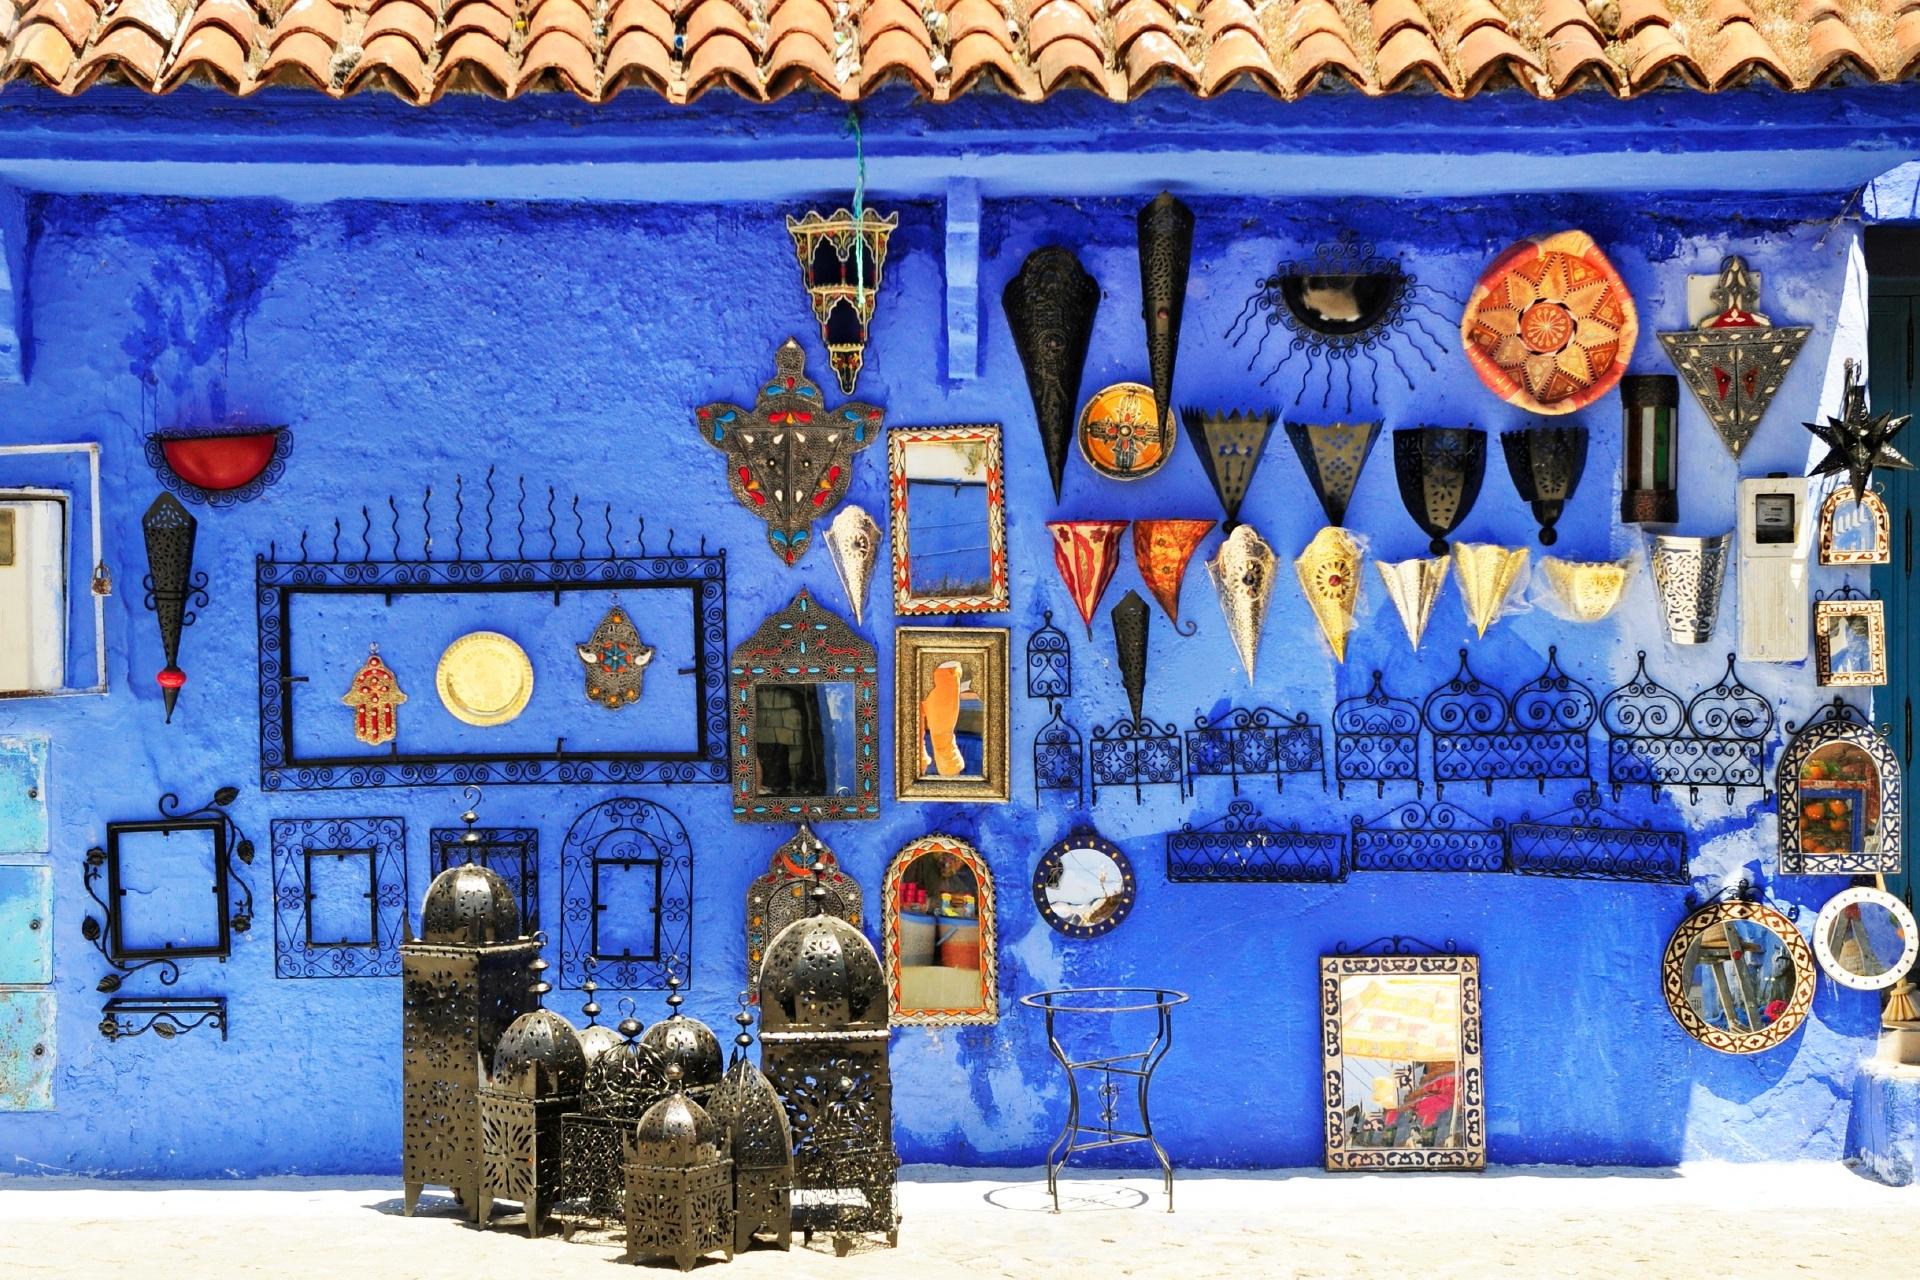 シャウエンの旧市街 モロッコの風景